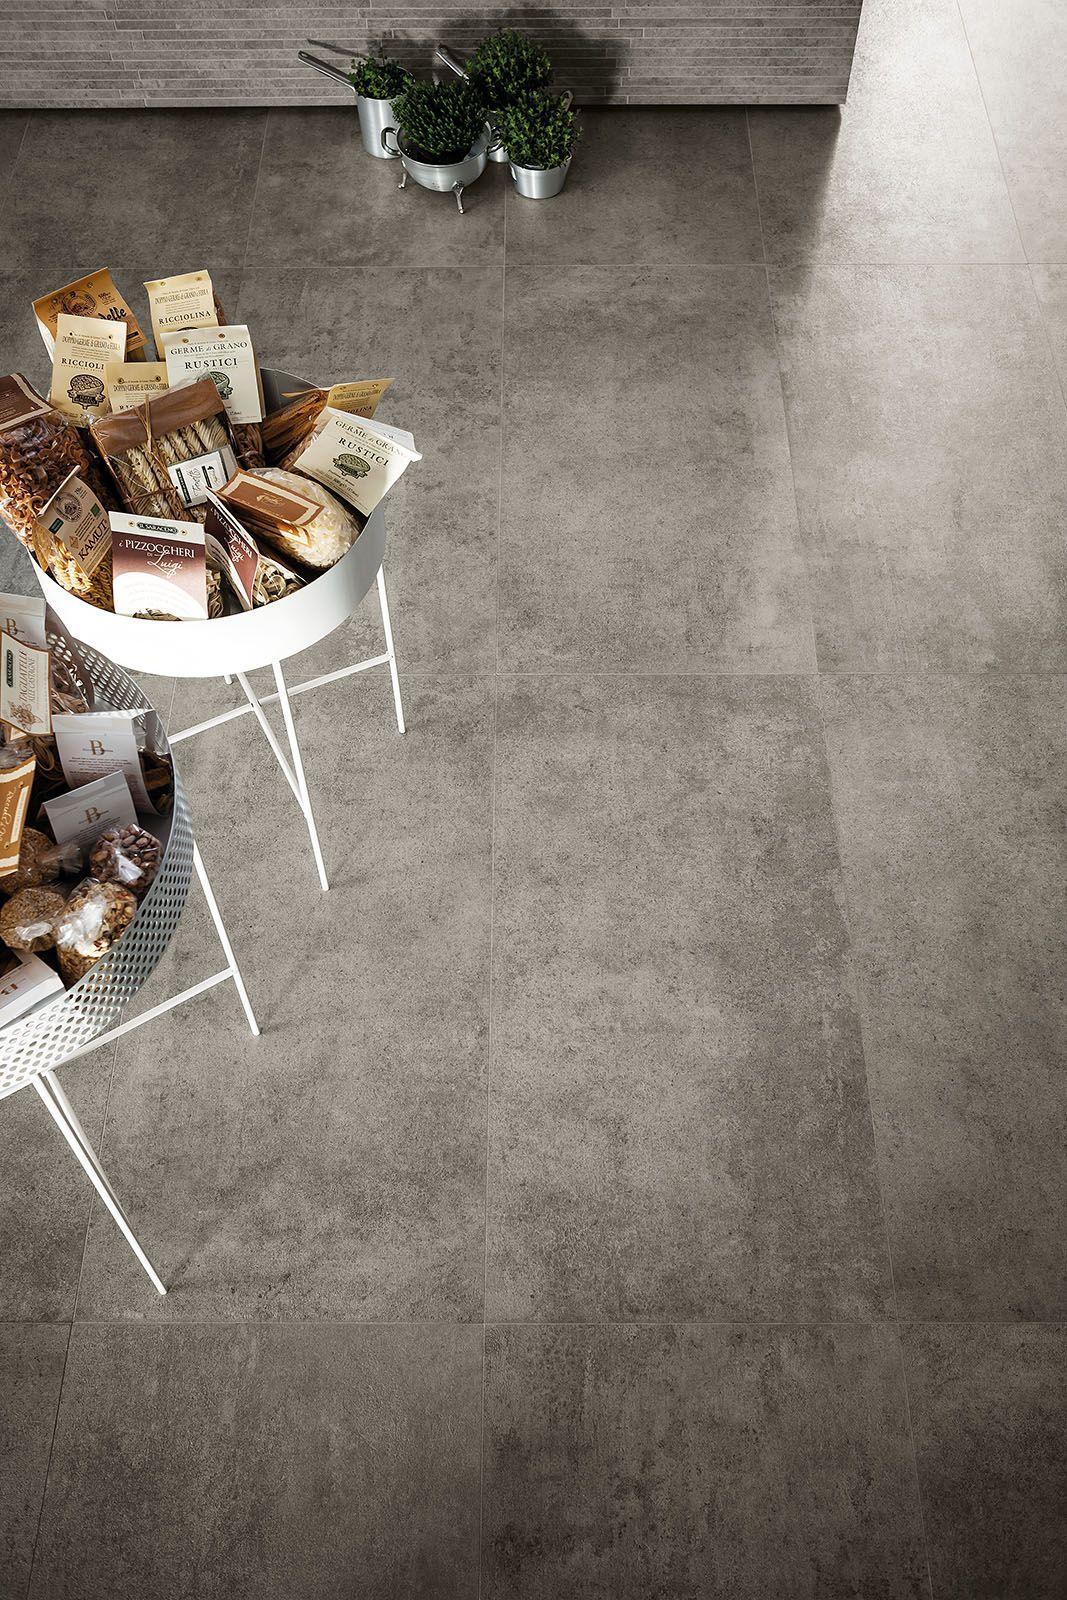 Brooklyn concrete floor tiles marazzi pinterest brooklyn concrete floor tiles marazzi dailygadgetfo Gallery